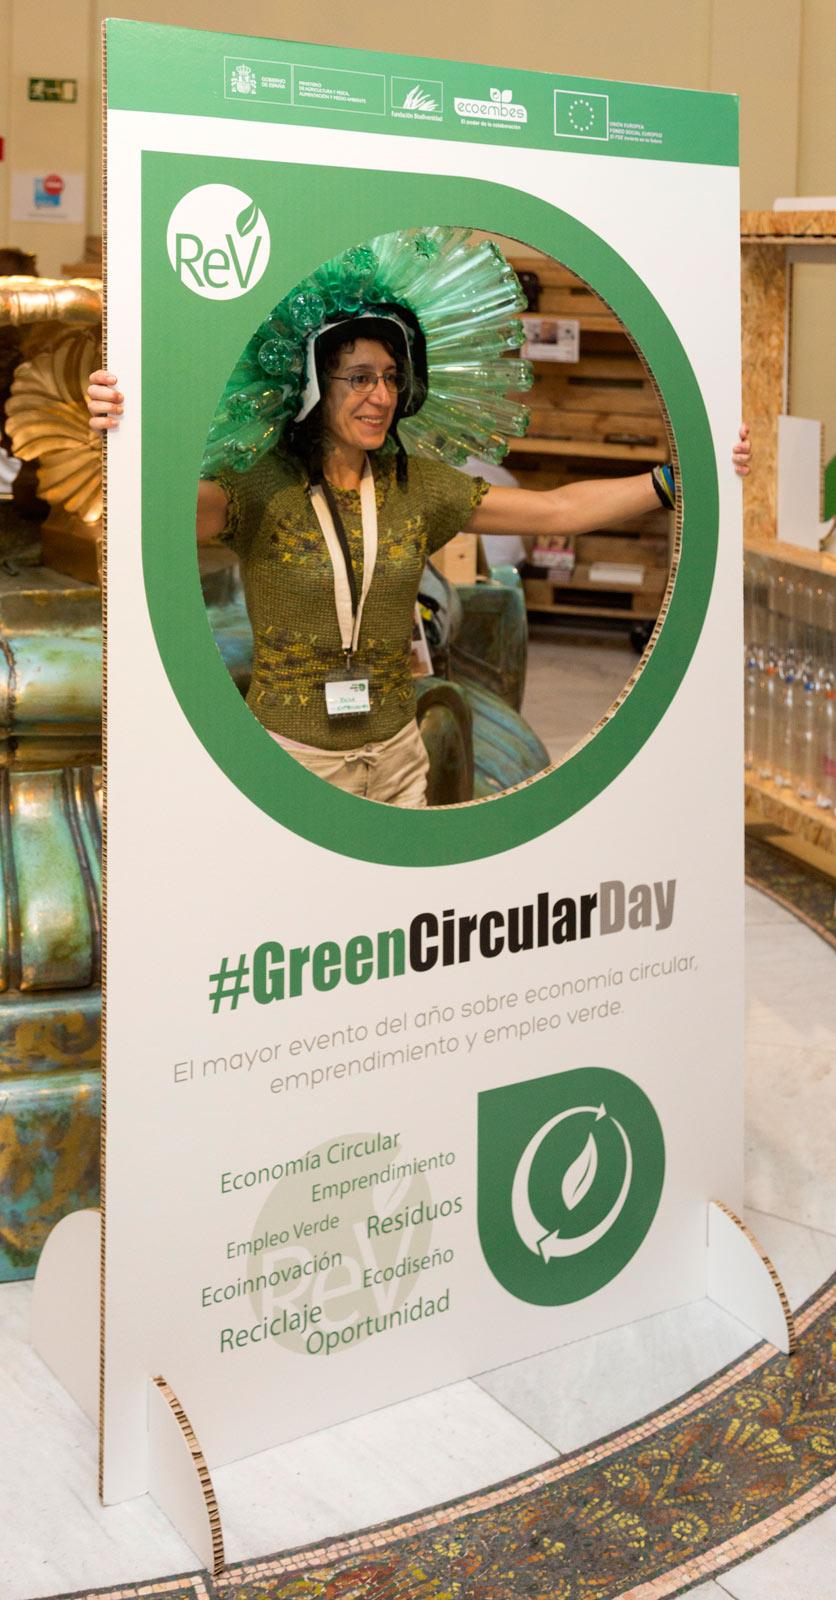 Photocall evento circular day